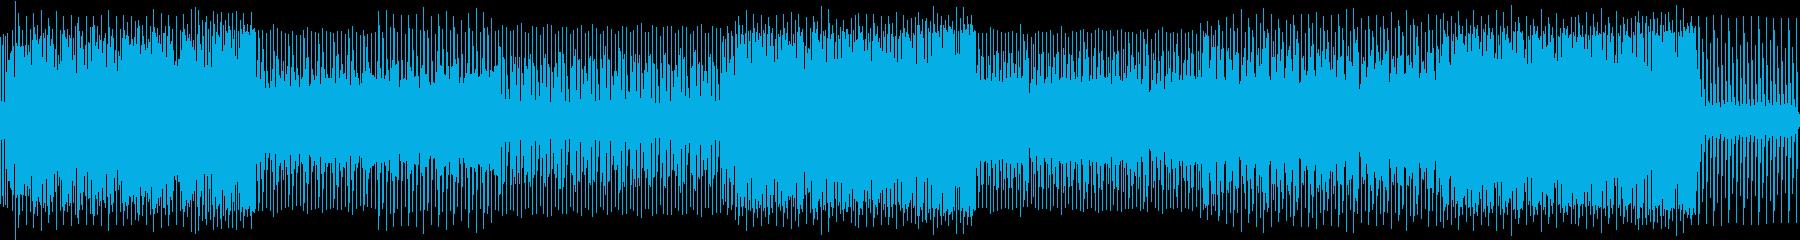 和風 EDM  ラウンジ 三味線 琴の再生済みの波形